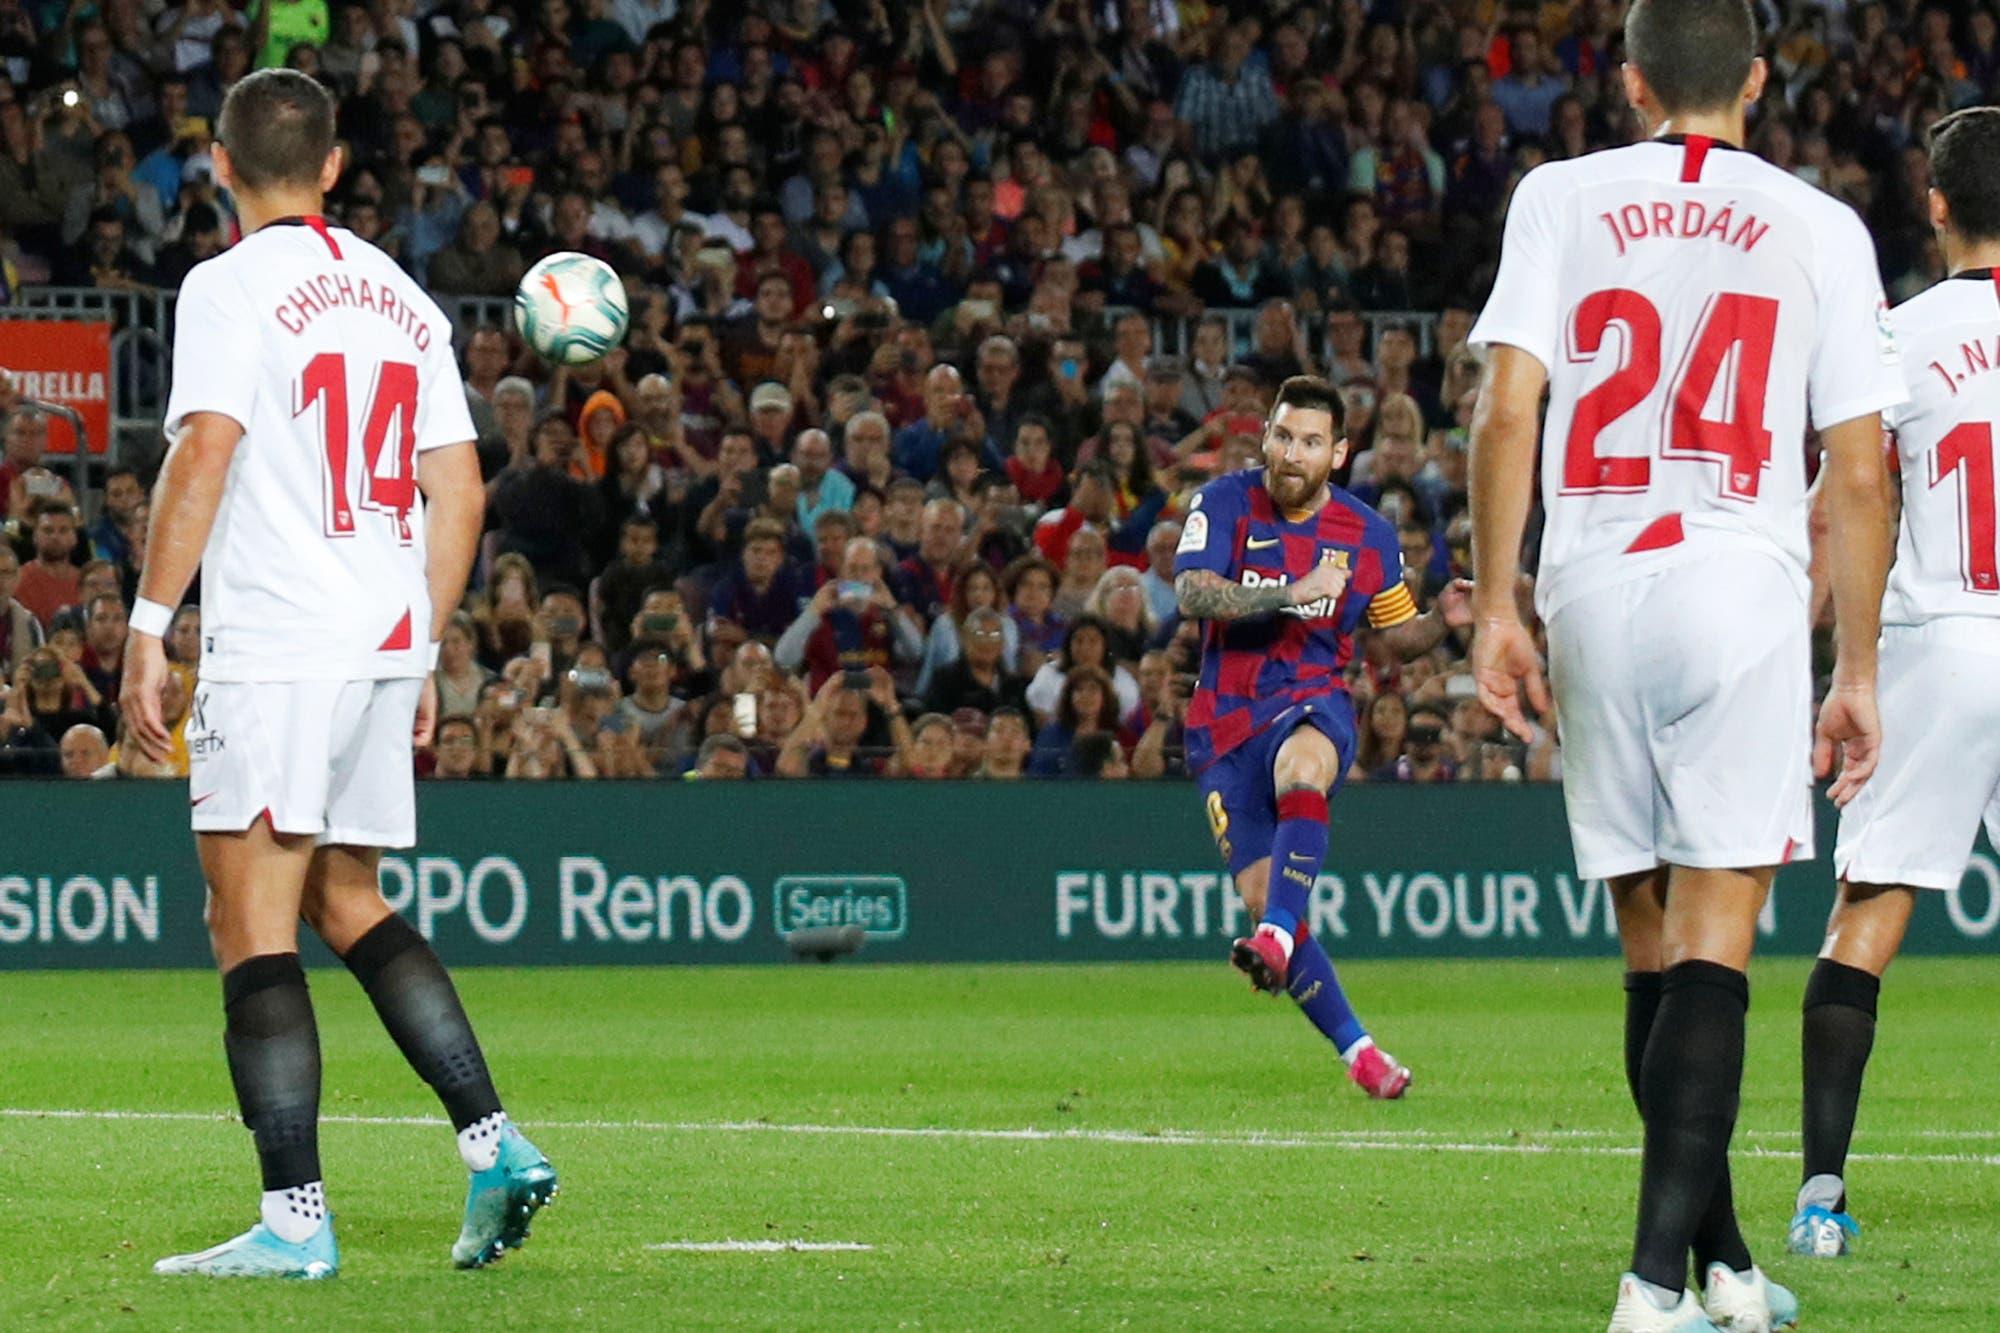 Golazo de Messi, chilena de Suárez y tres gritos en 8 minutos en el 4-0 de Barcelona sobre Sevilla